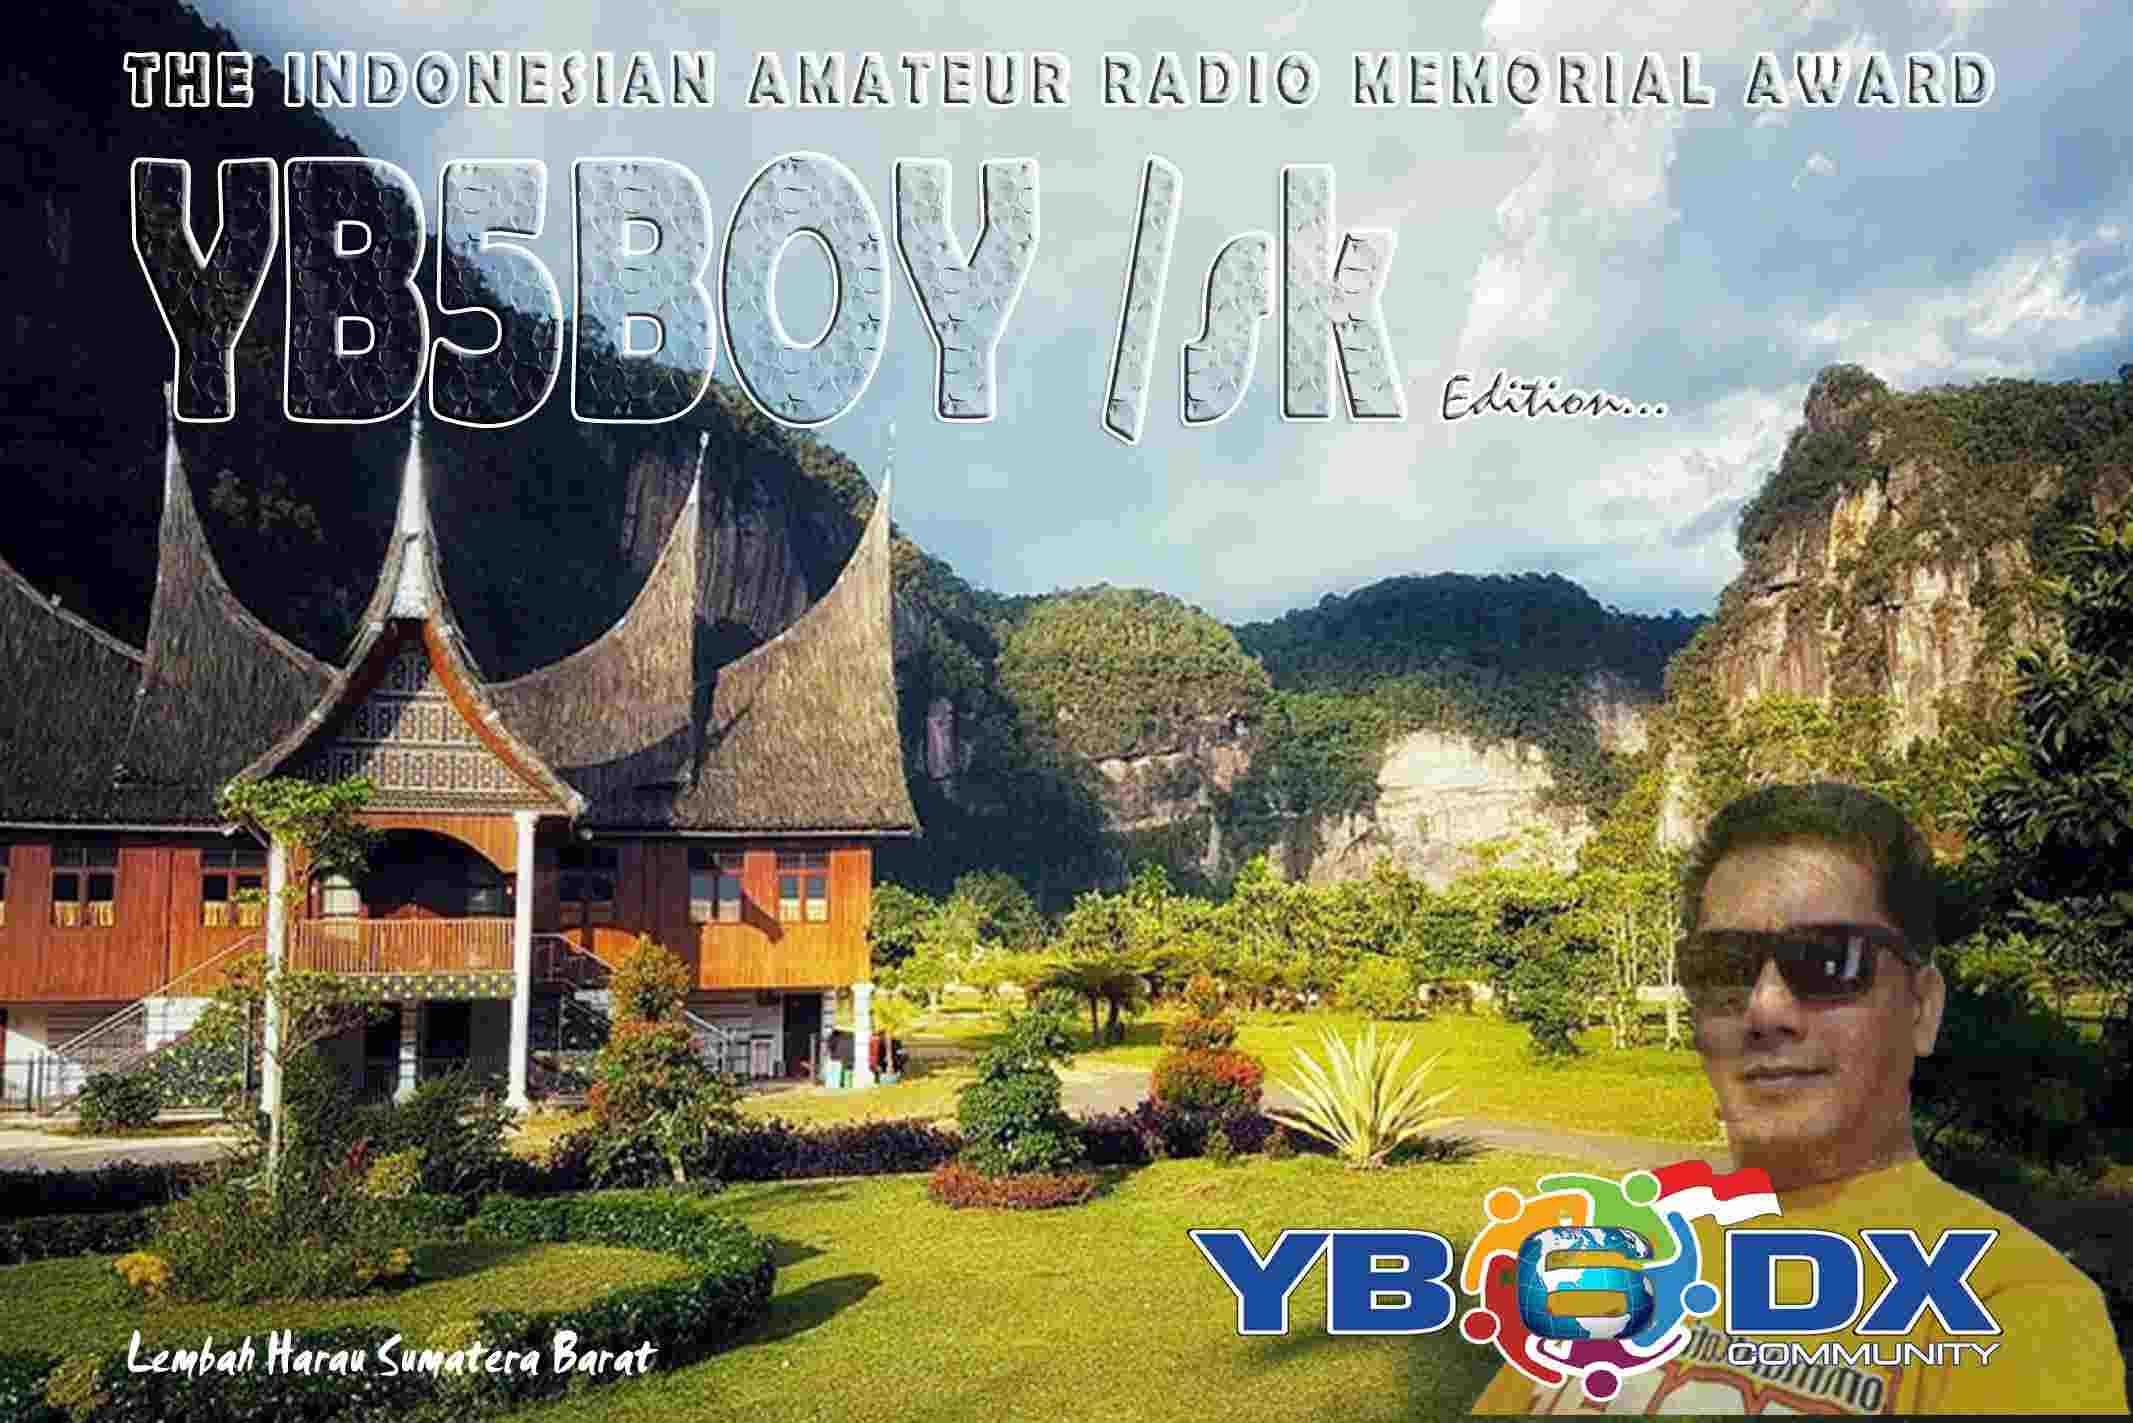 YB5BOY/sk THE IARMA